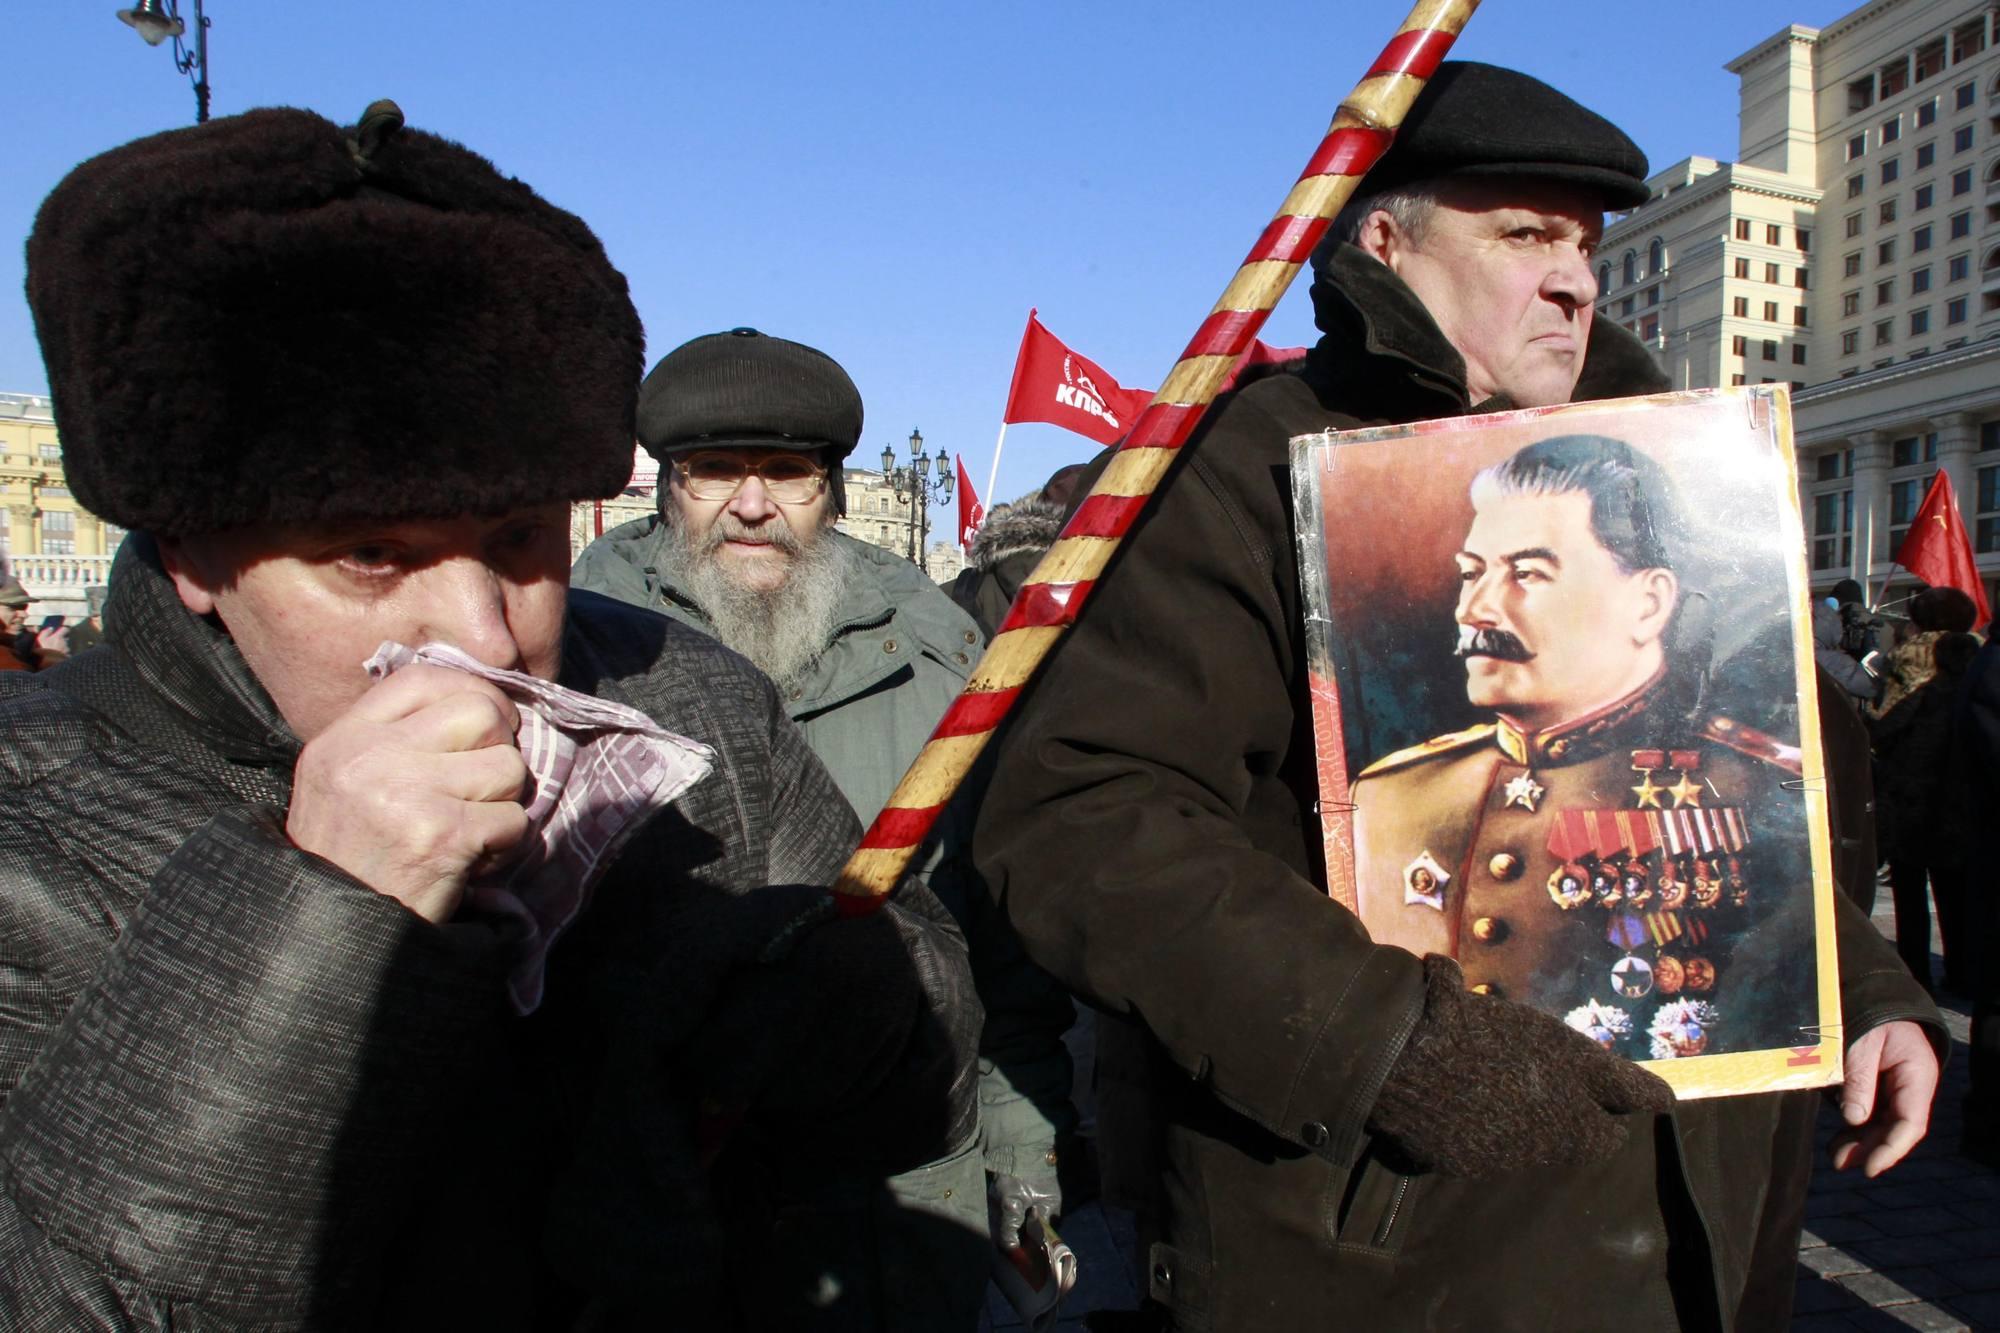 Nostalgici mostrano il ritratto di Stalin. L'opinone dei russi sul leader è sempre stata ambivalente: chi lo considera un feroce dittatore, responsabile del massacro di milioni di persone, e chi lo ritiene il salvatore della nazione, colui che ha permesso alla Russia di vincere la seconda guerra mondiale (Reuters/Karpukhin)